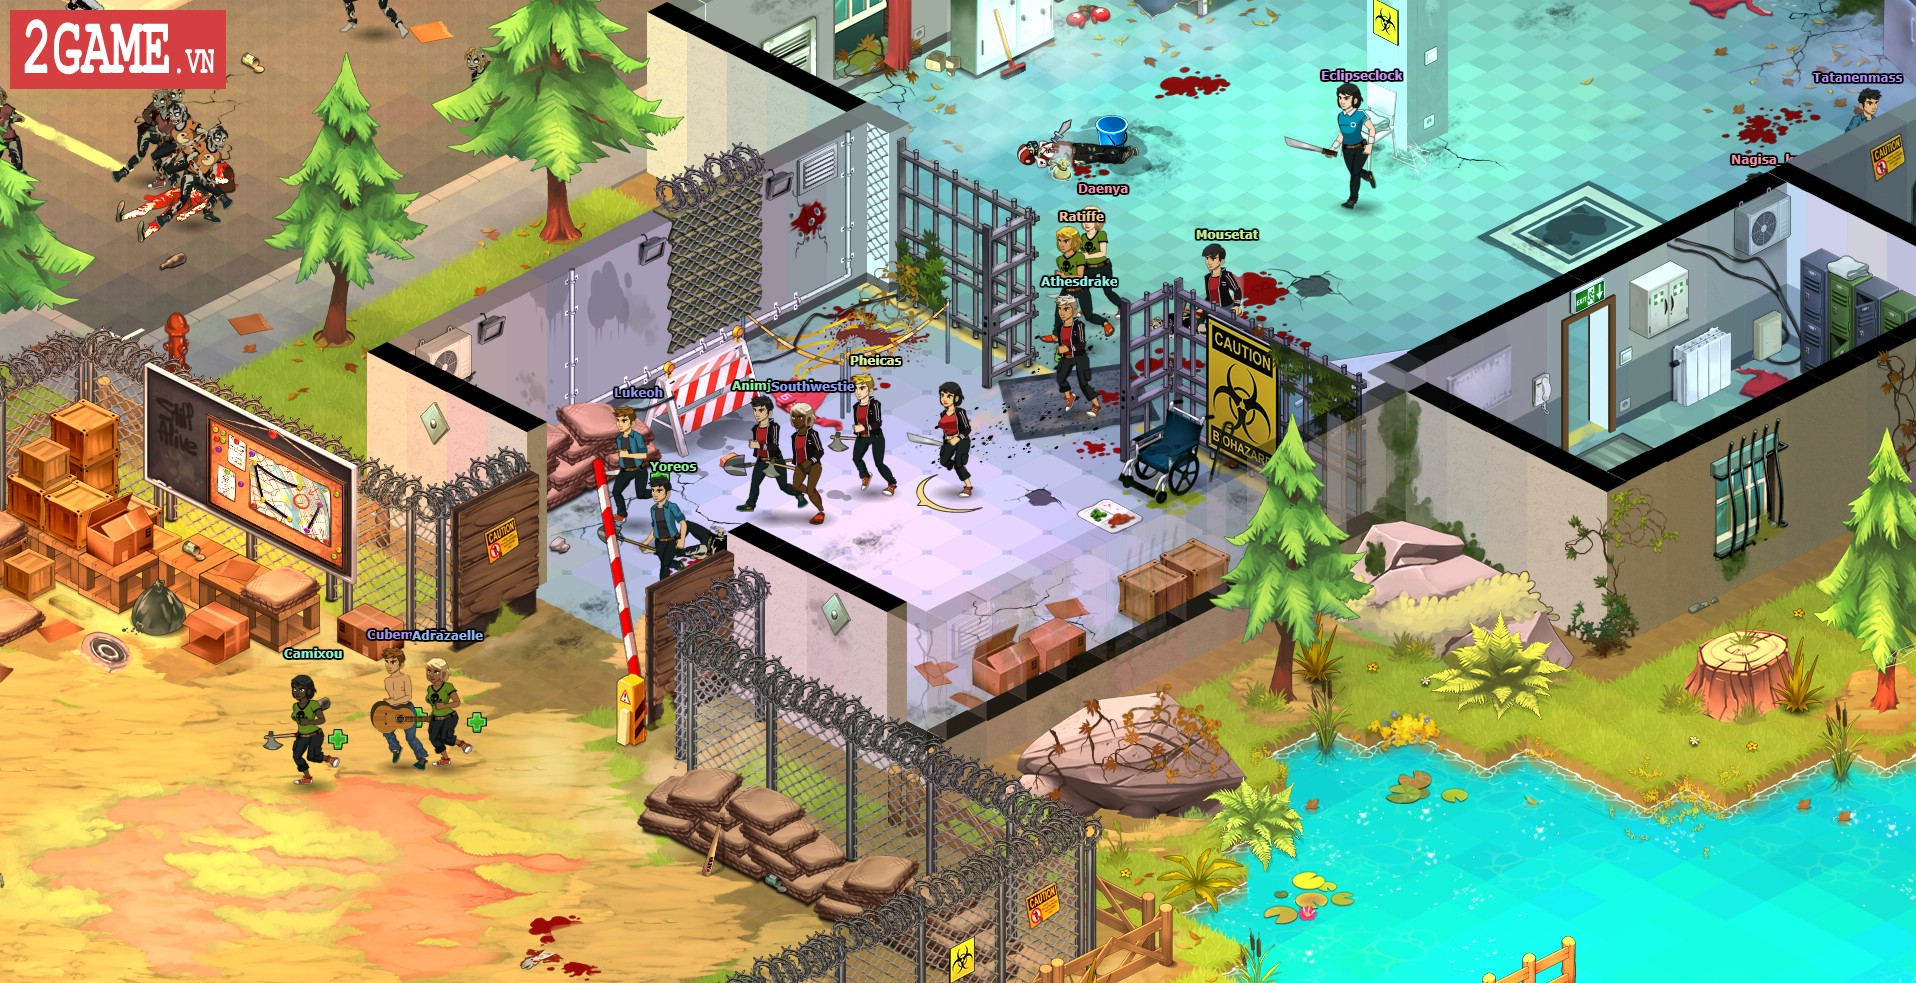 Dead Maze – Hé lộ dự án game nhập vai thế giới mở mới đầy đột phá 7